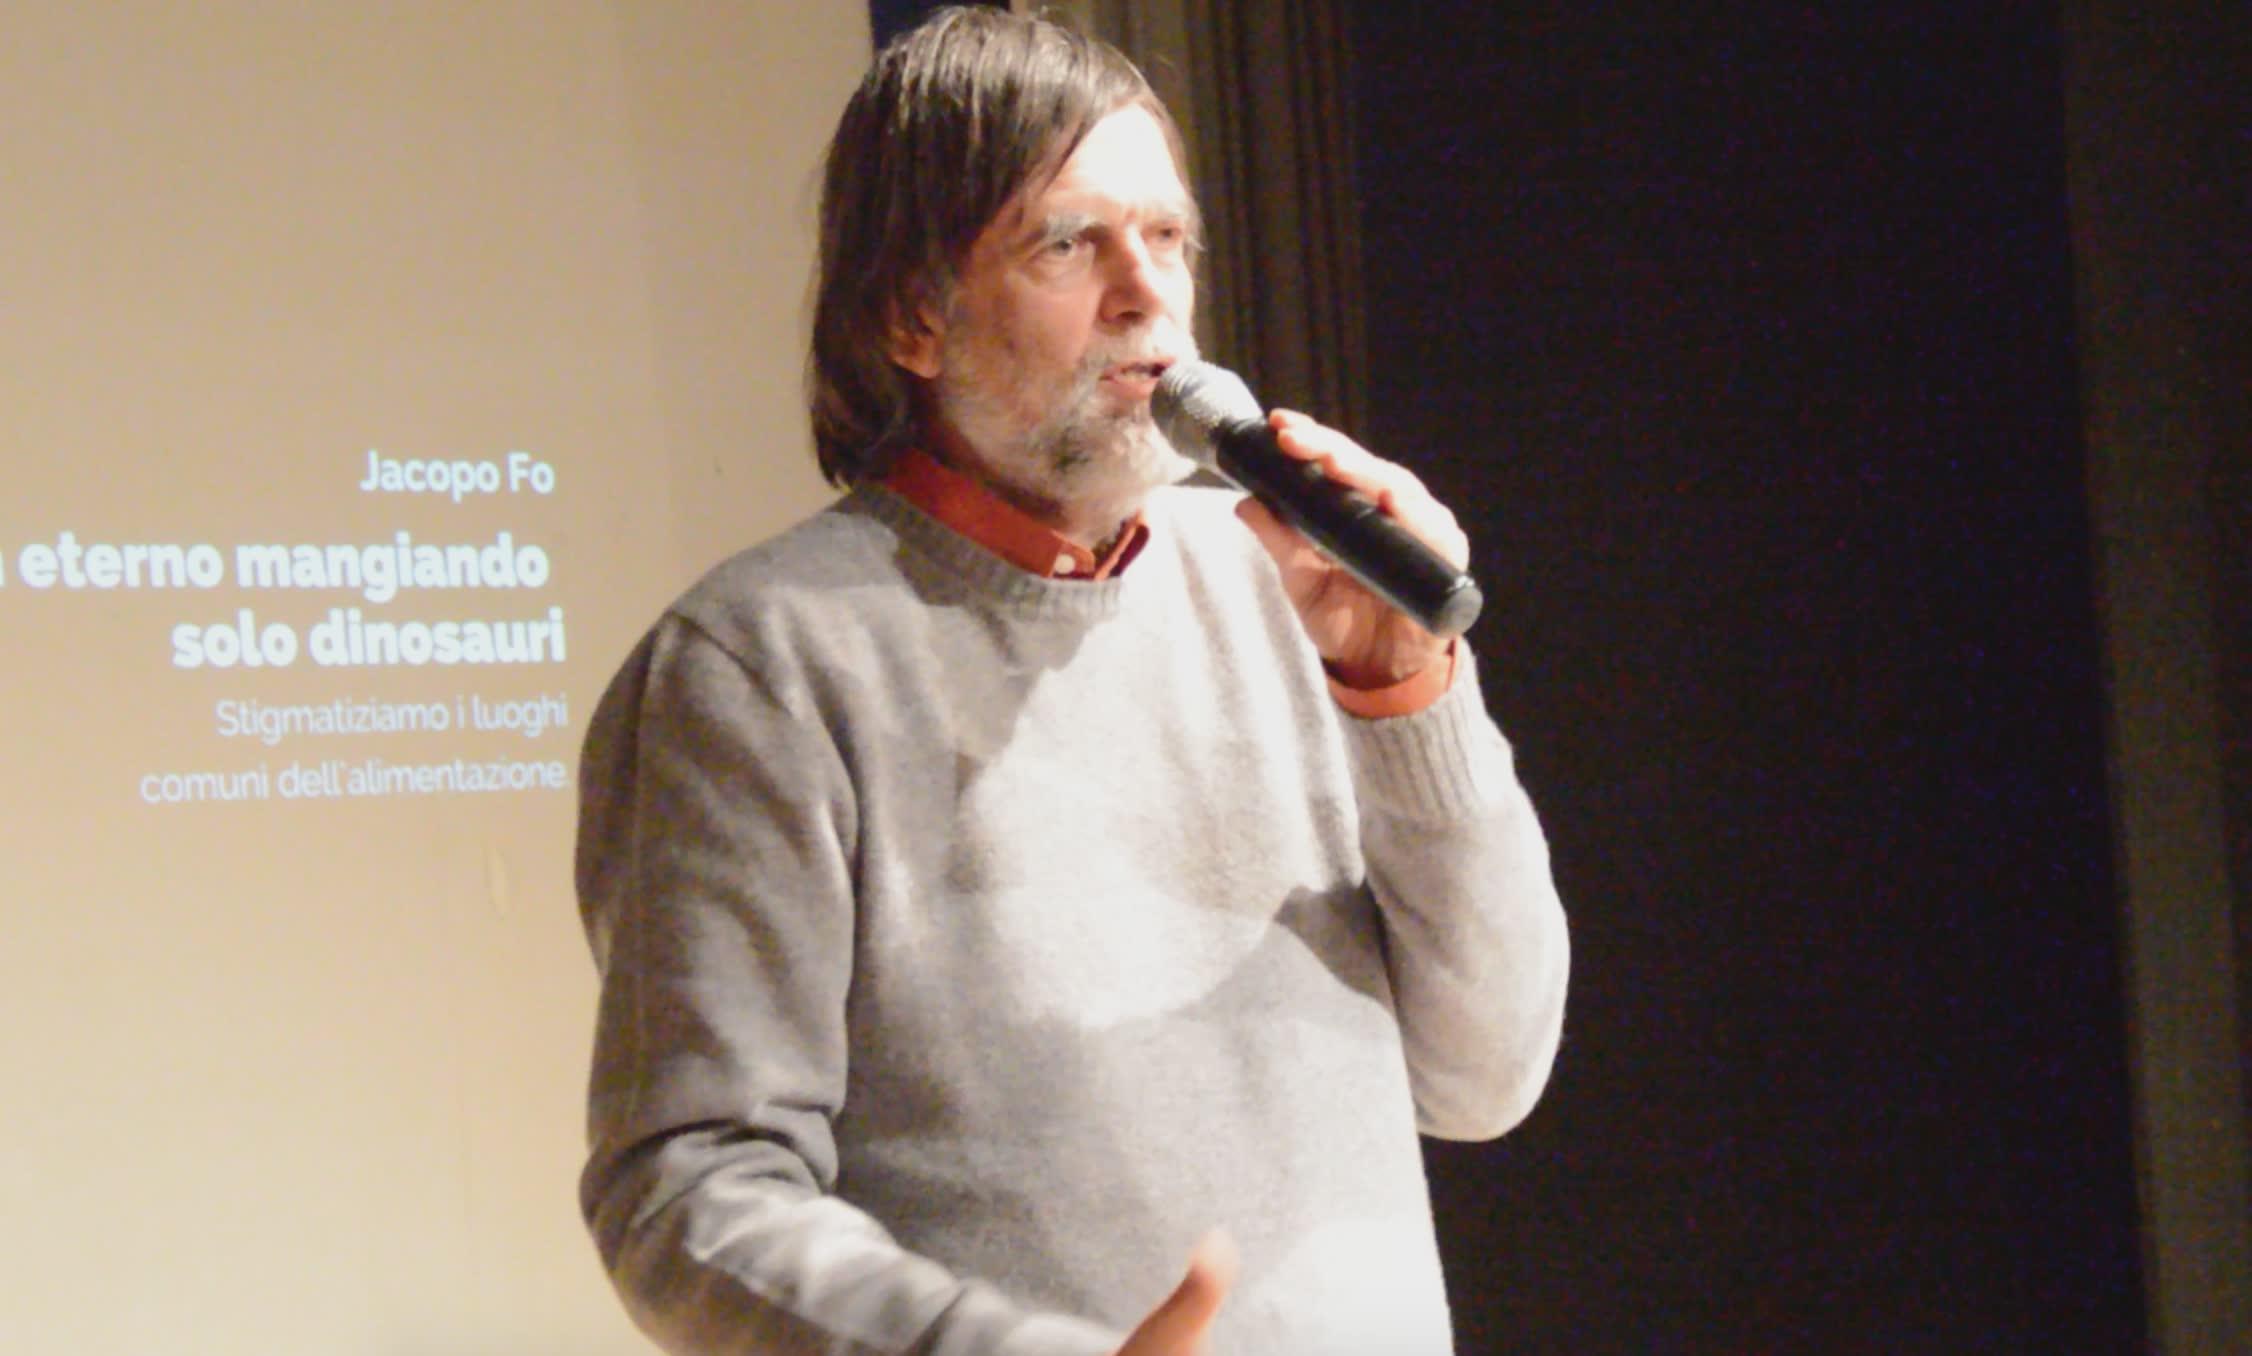 Jacopo Fo sul palco dell'Auditorium di Passignano